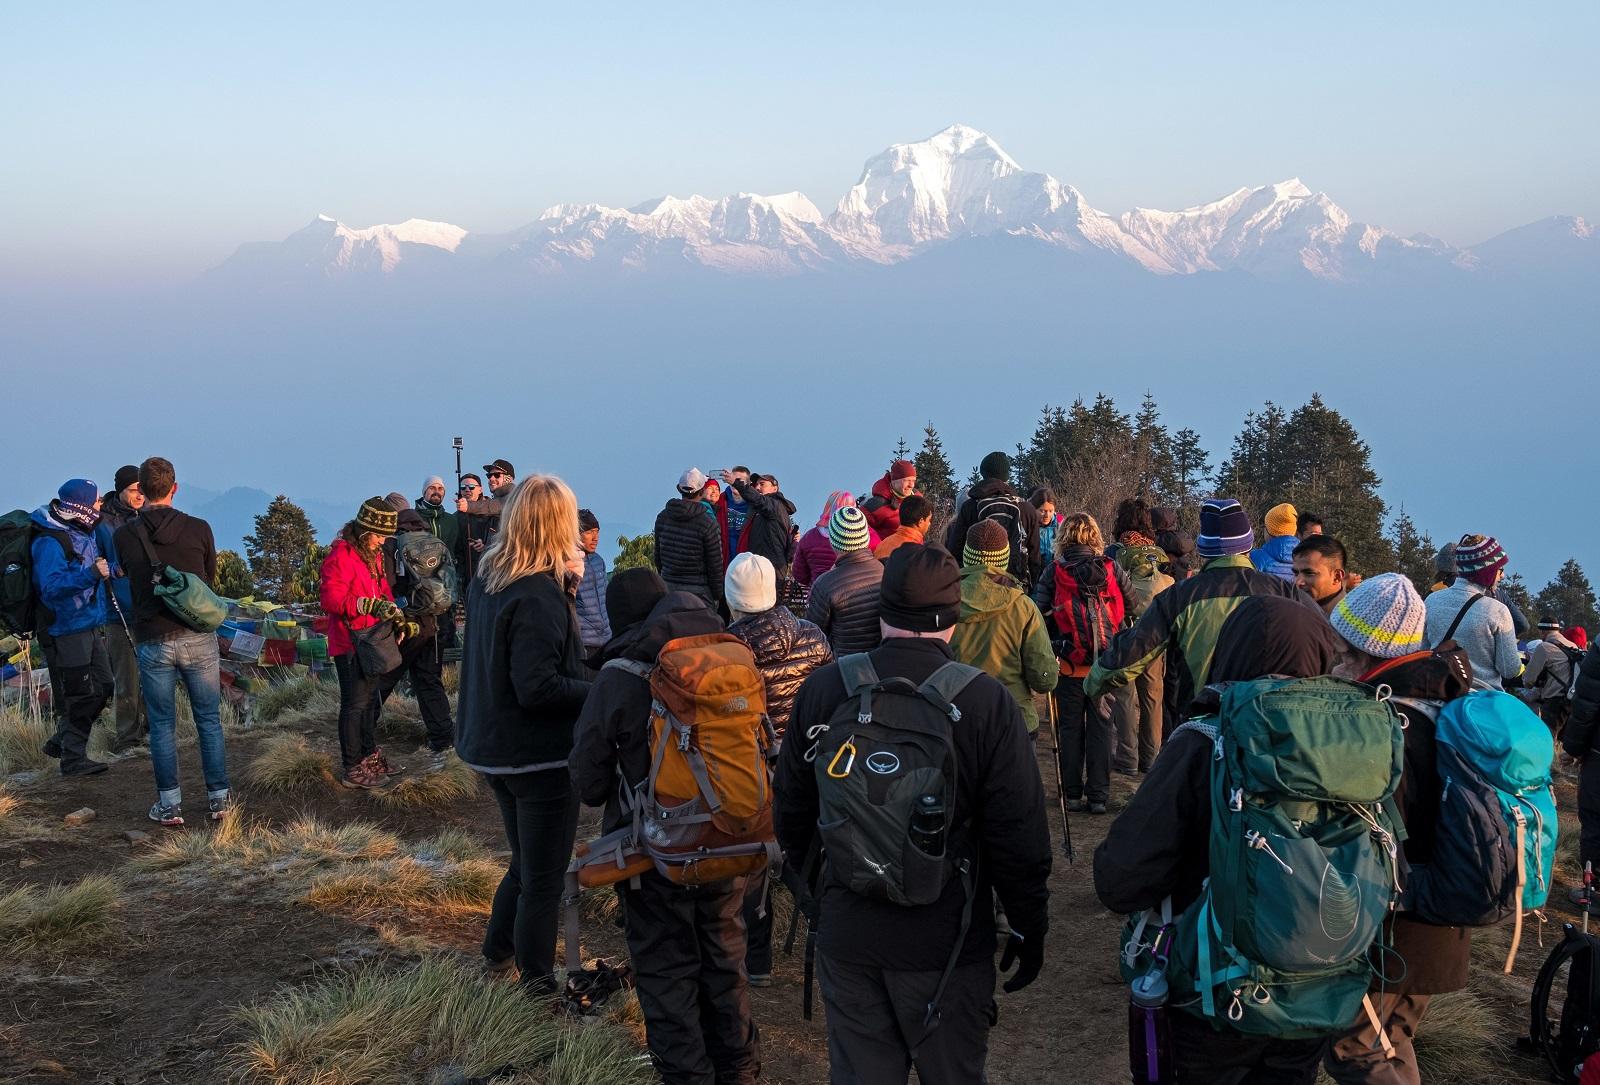 Teljesen tönkreteheti Nepált a fosatós-mentőhelikopteres turistalehúzás